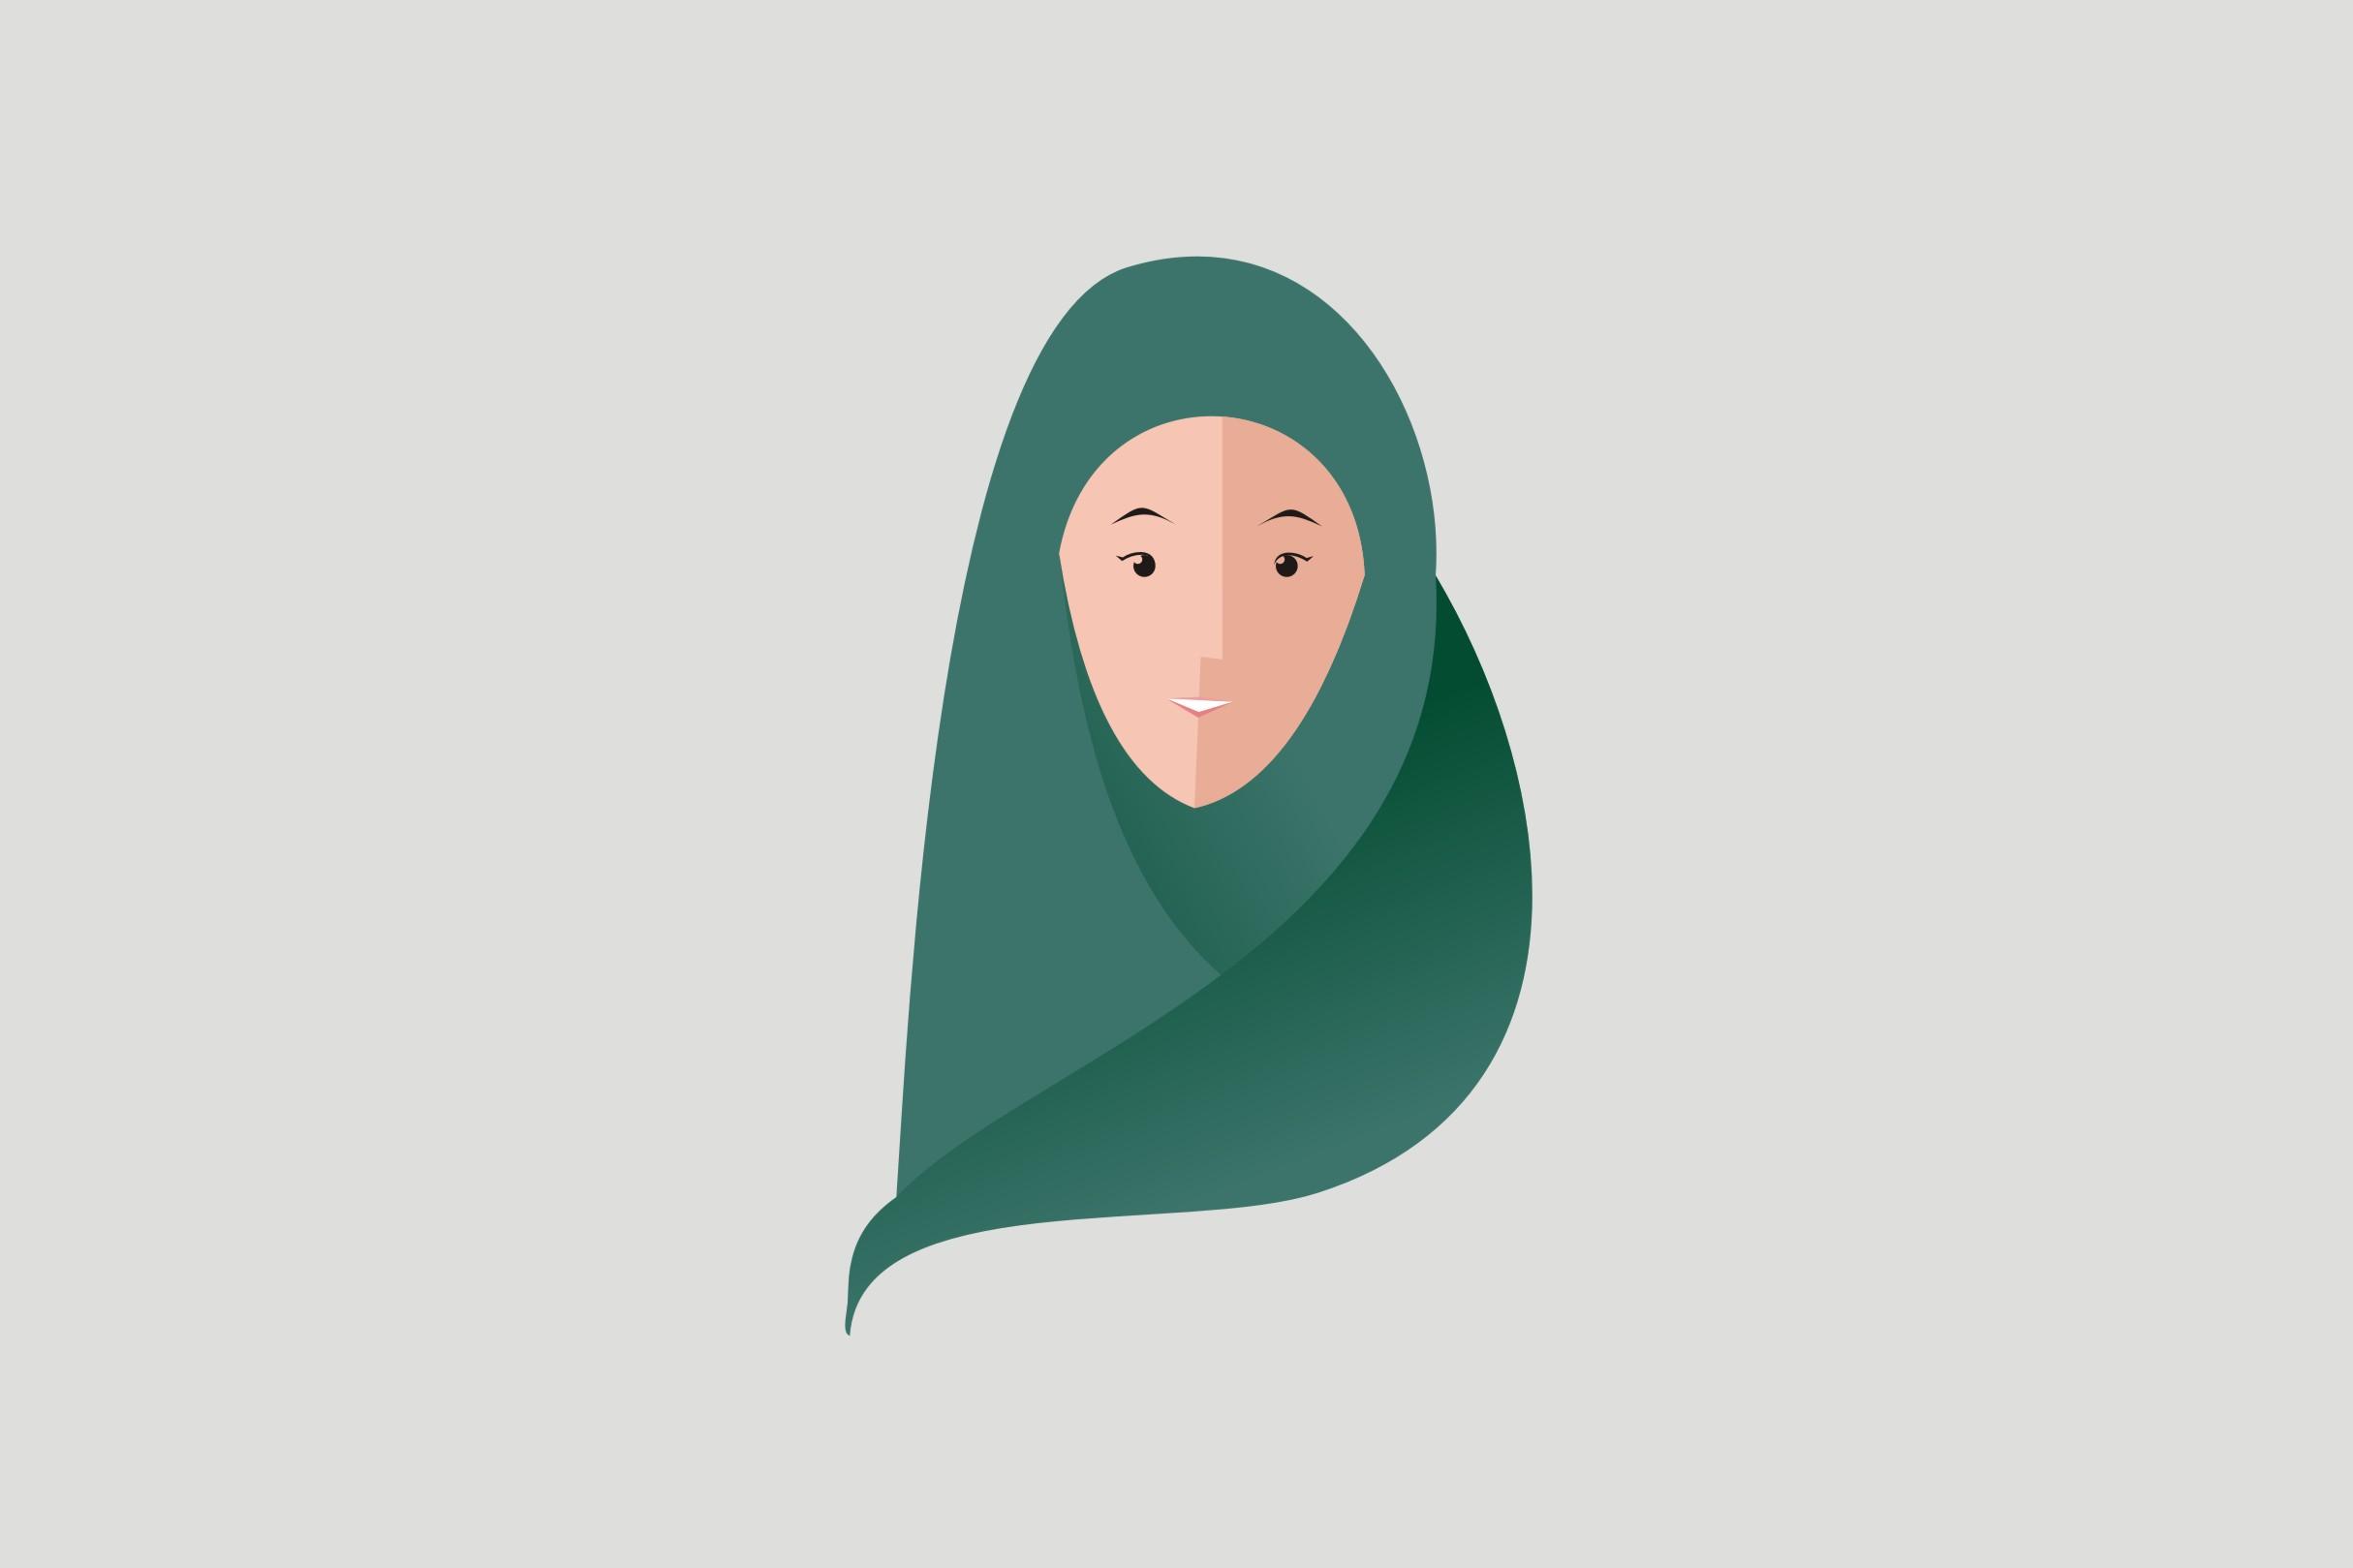 Ini pandangan murid ahli hadis nomor satu dunia tentang Hijab Syar'i